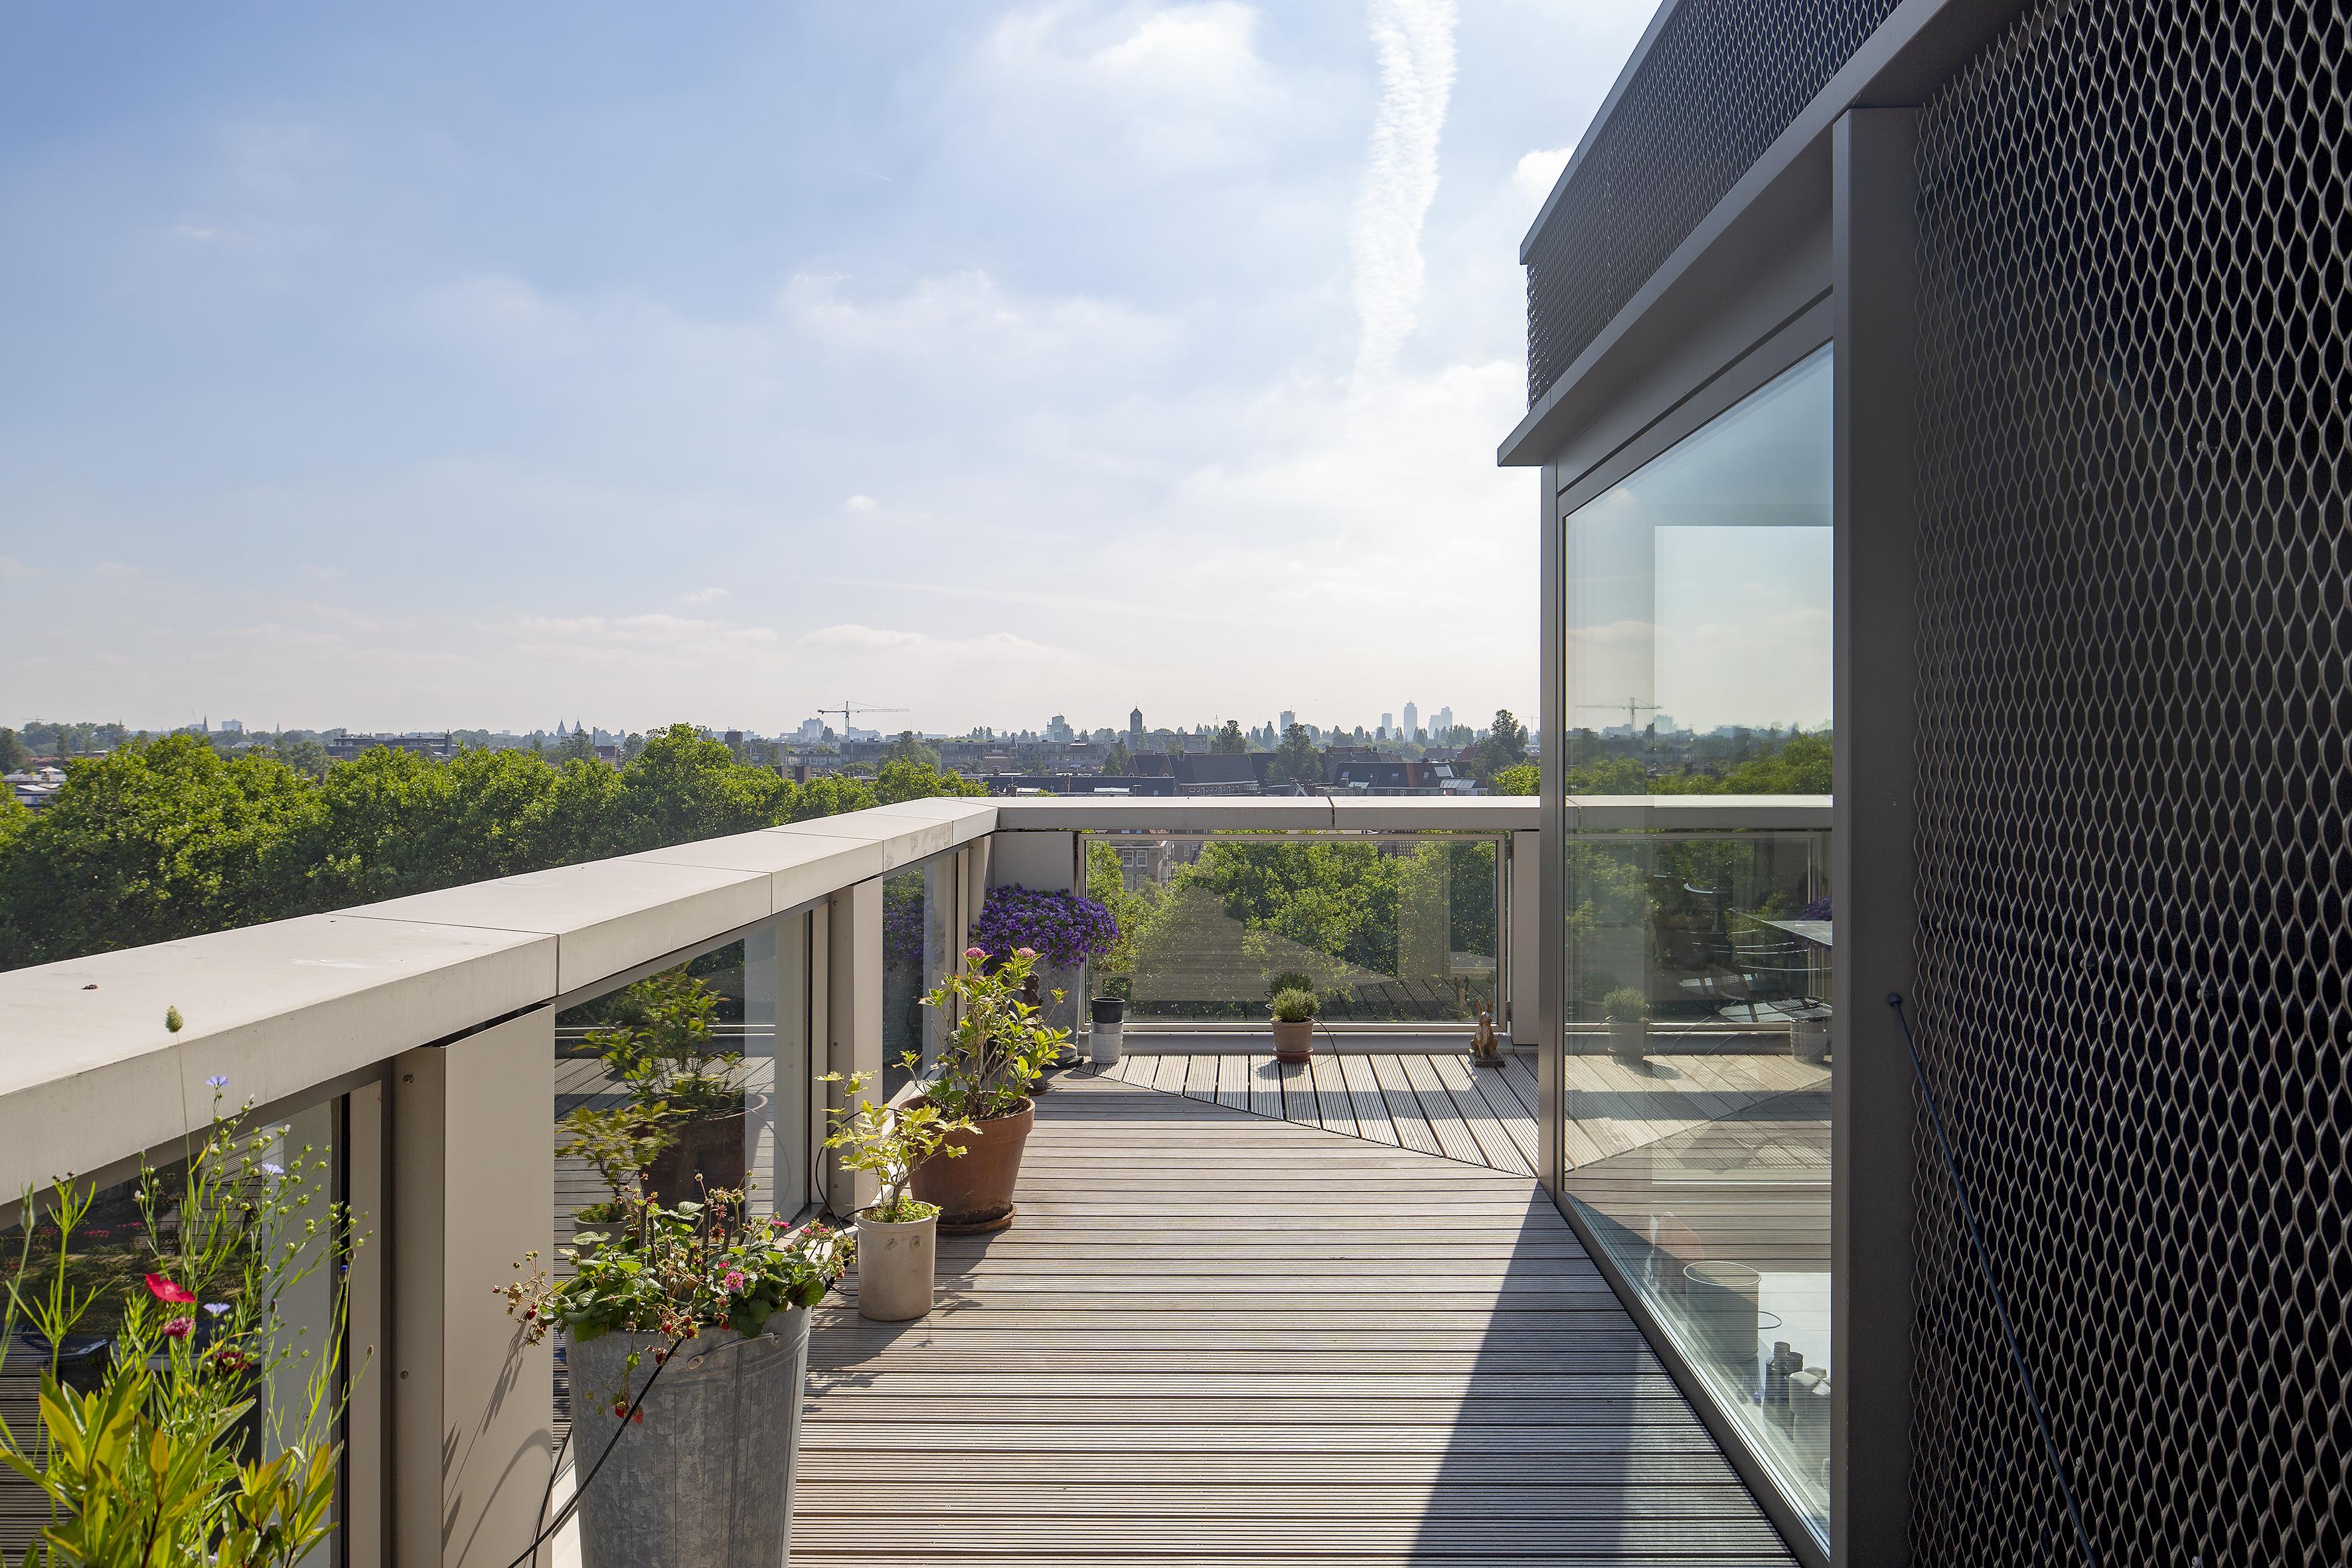 <p>Het Schetsblok penthouse dakterras foto: Luuk Kramer</p>